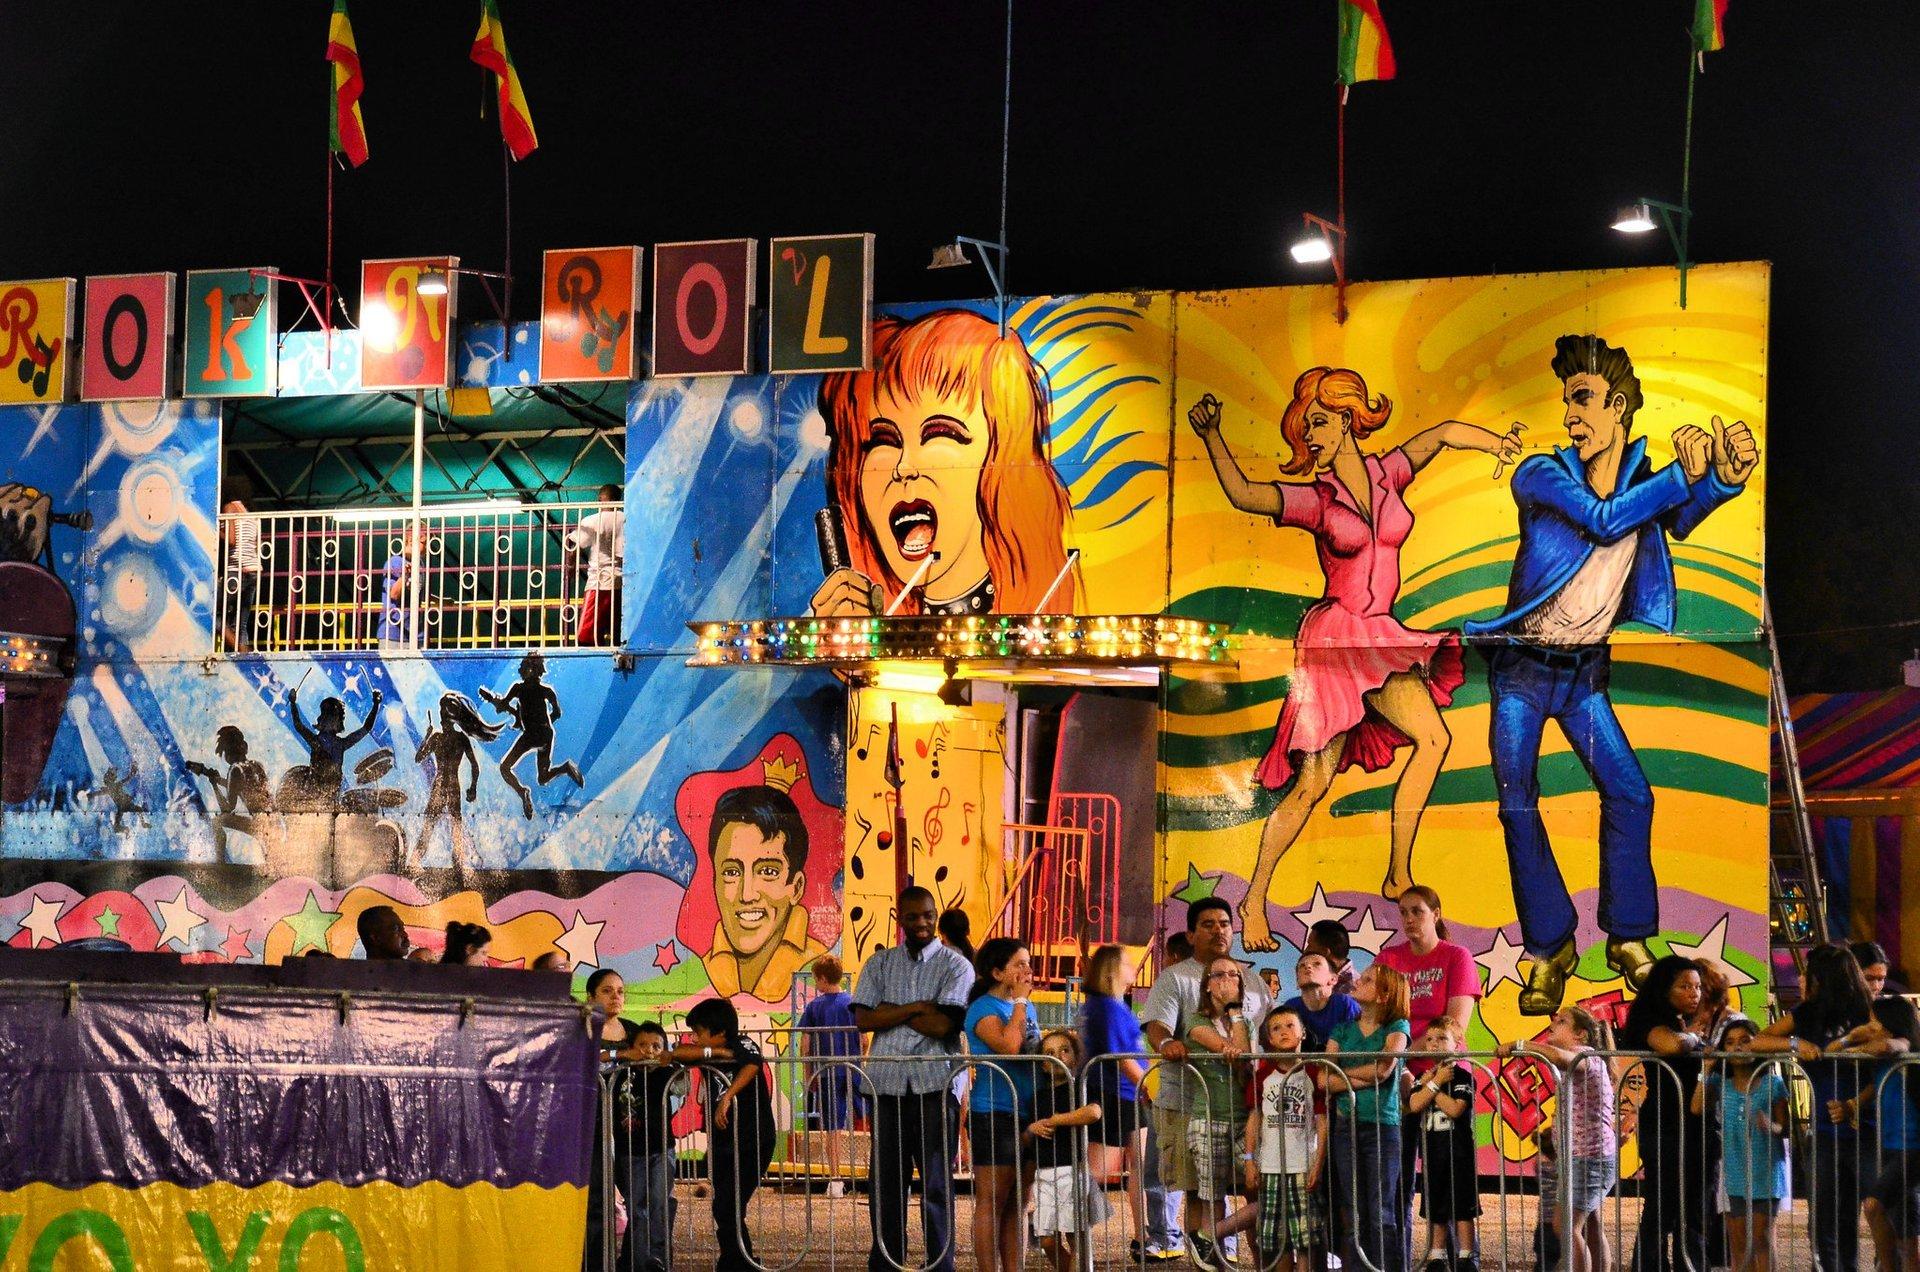 East Texas State Fair in Texas - Best Season 2020